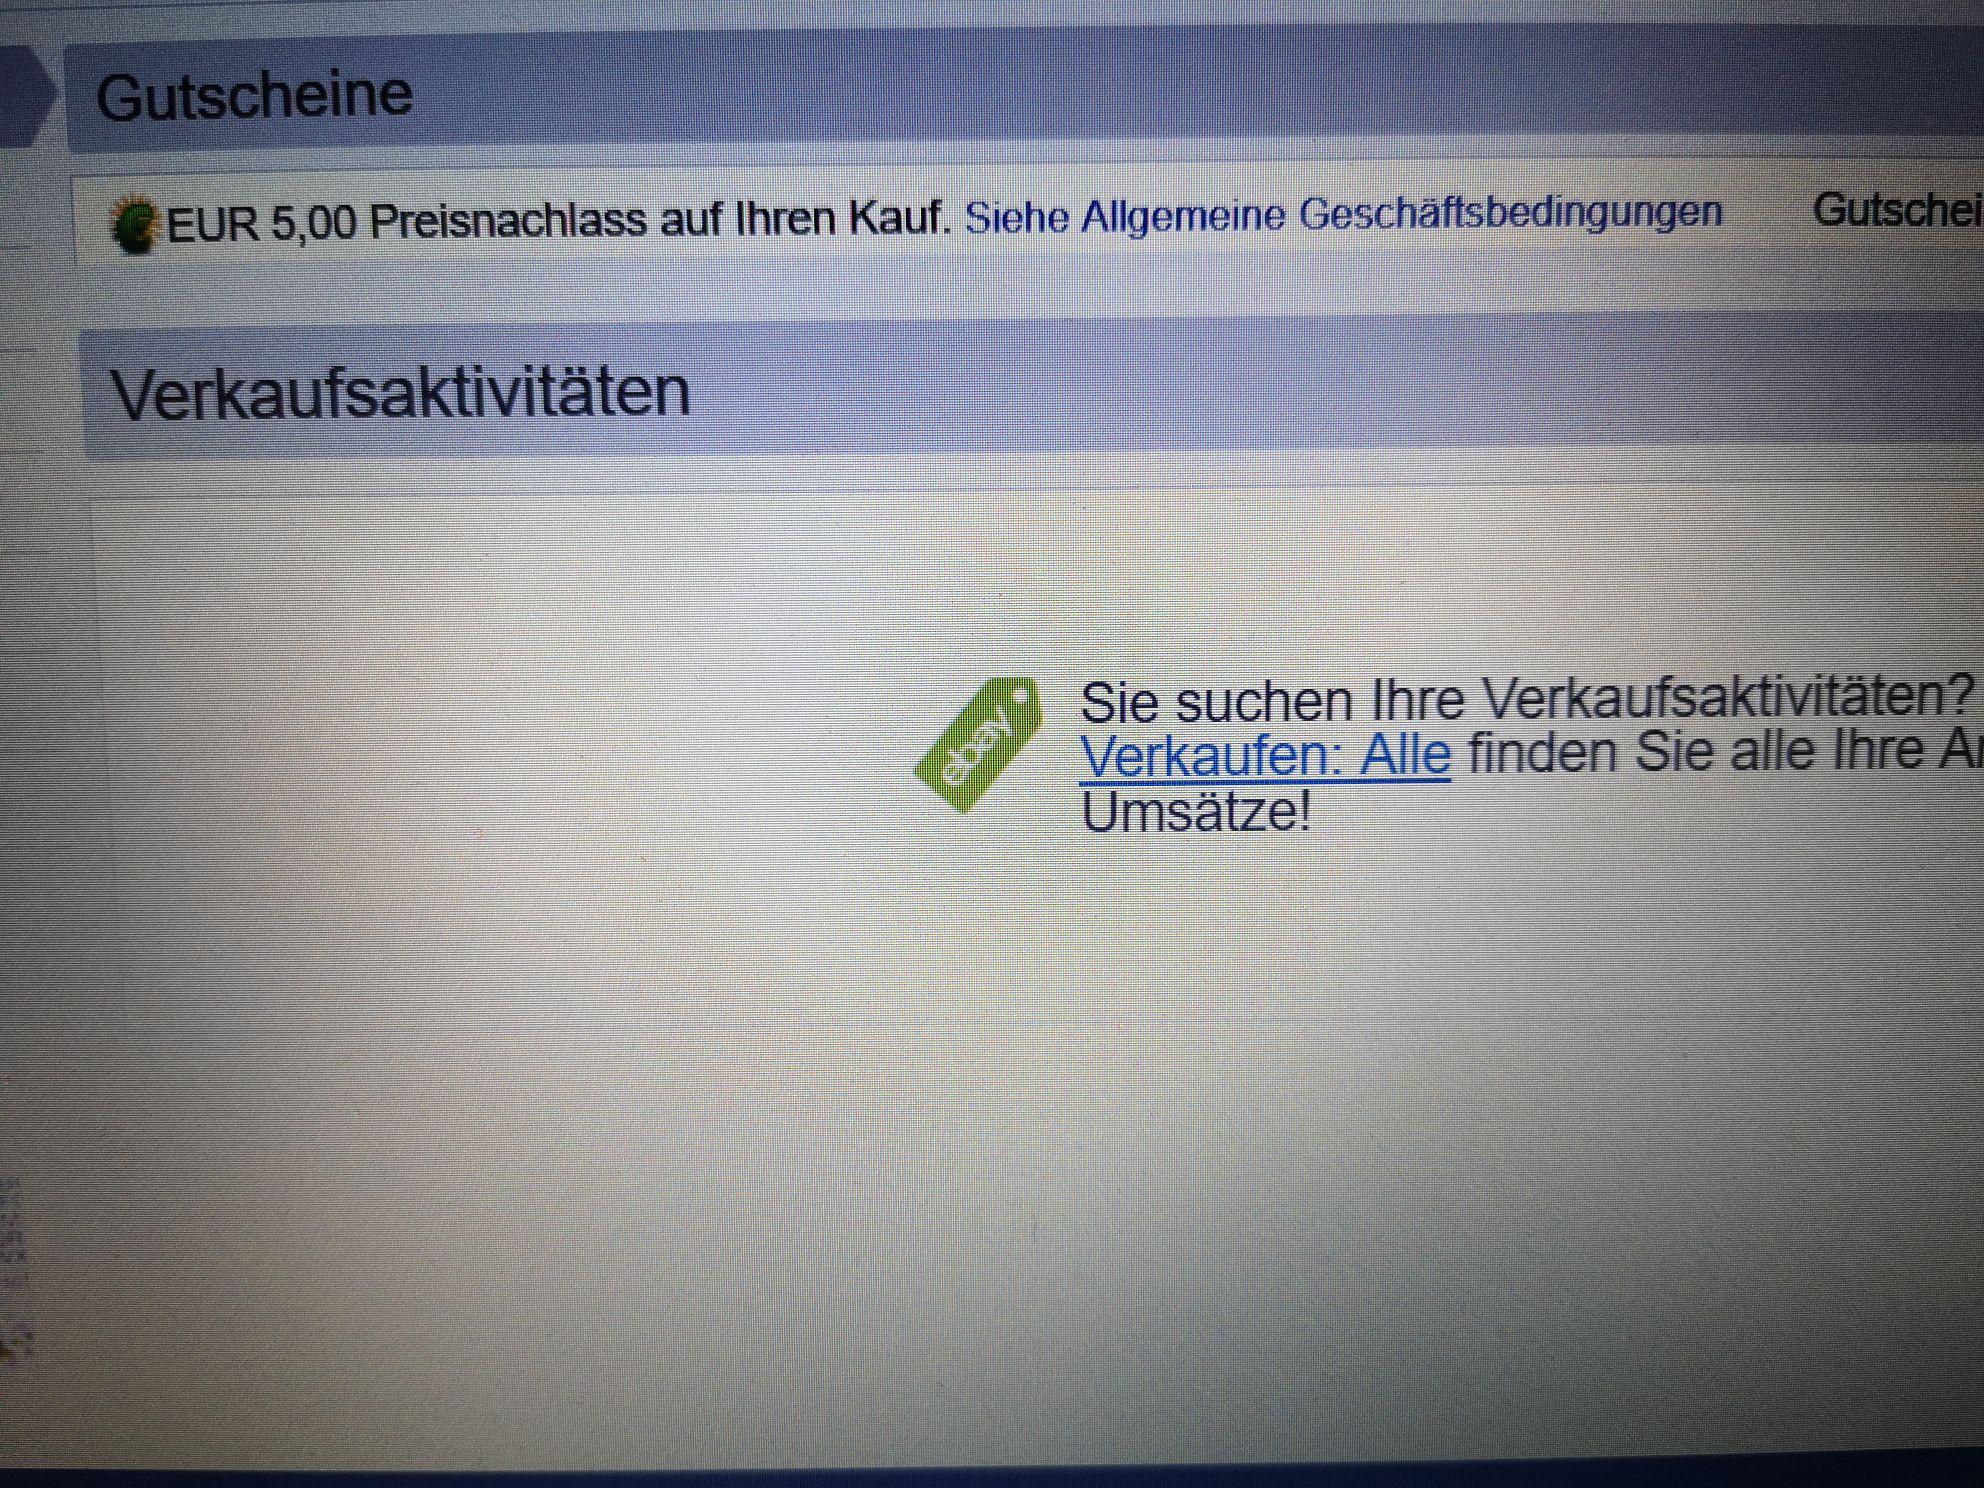 Ebay.de, znowu kody na zakupy 5 euro bez MZW